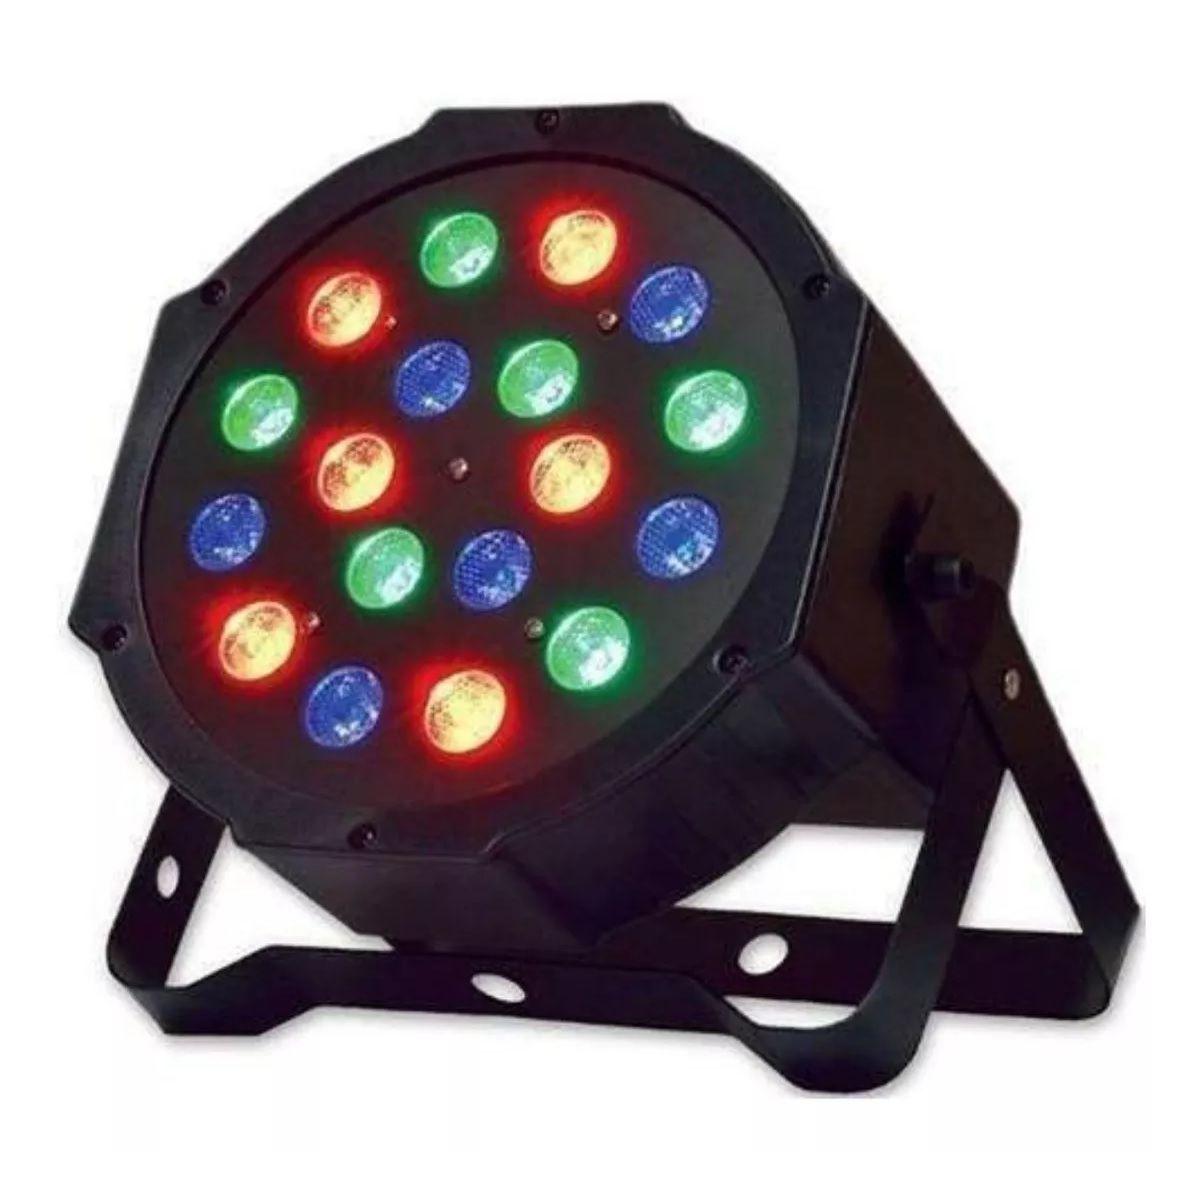 Canhão de Luz PAR 18 LEDs 1W RGB DMX Strobo Painel Digital - 789-9 - KIT FULLFILMENT